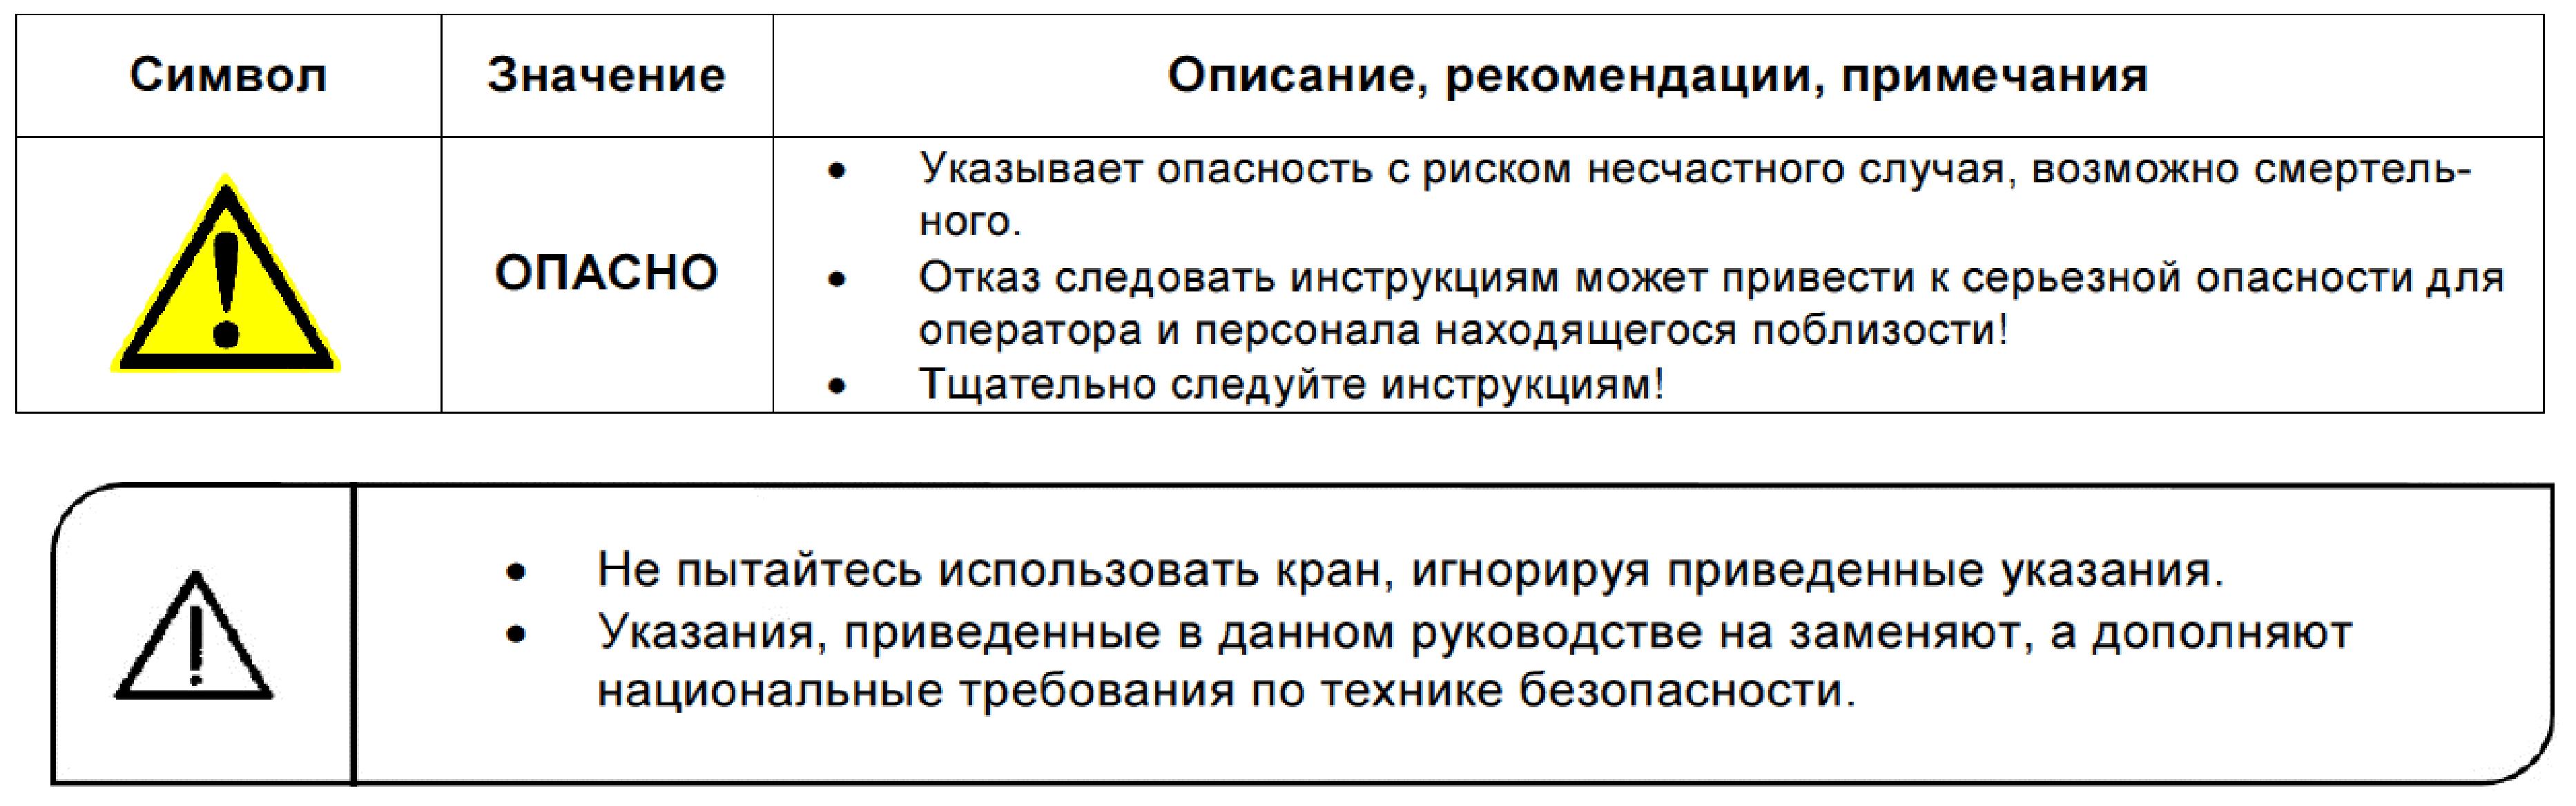 образец должностной инструкции бригадира аварийно